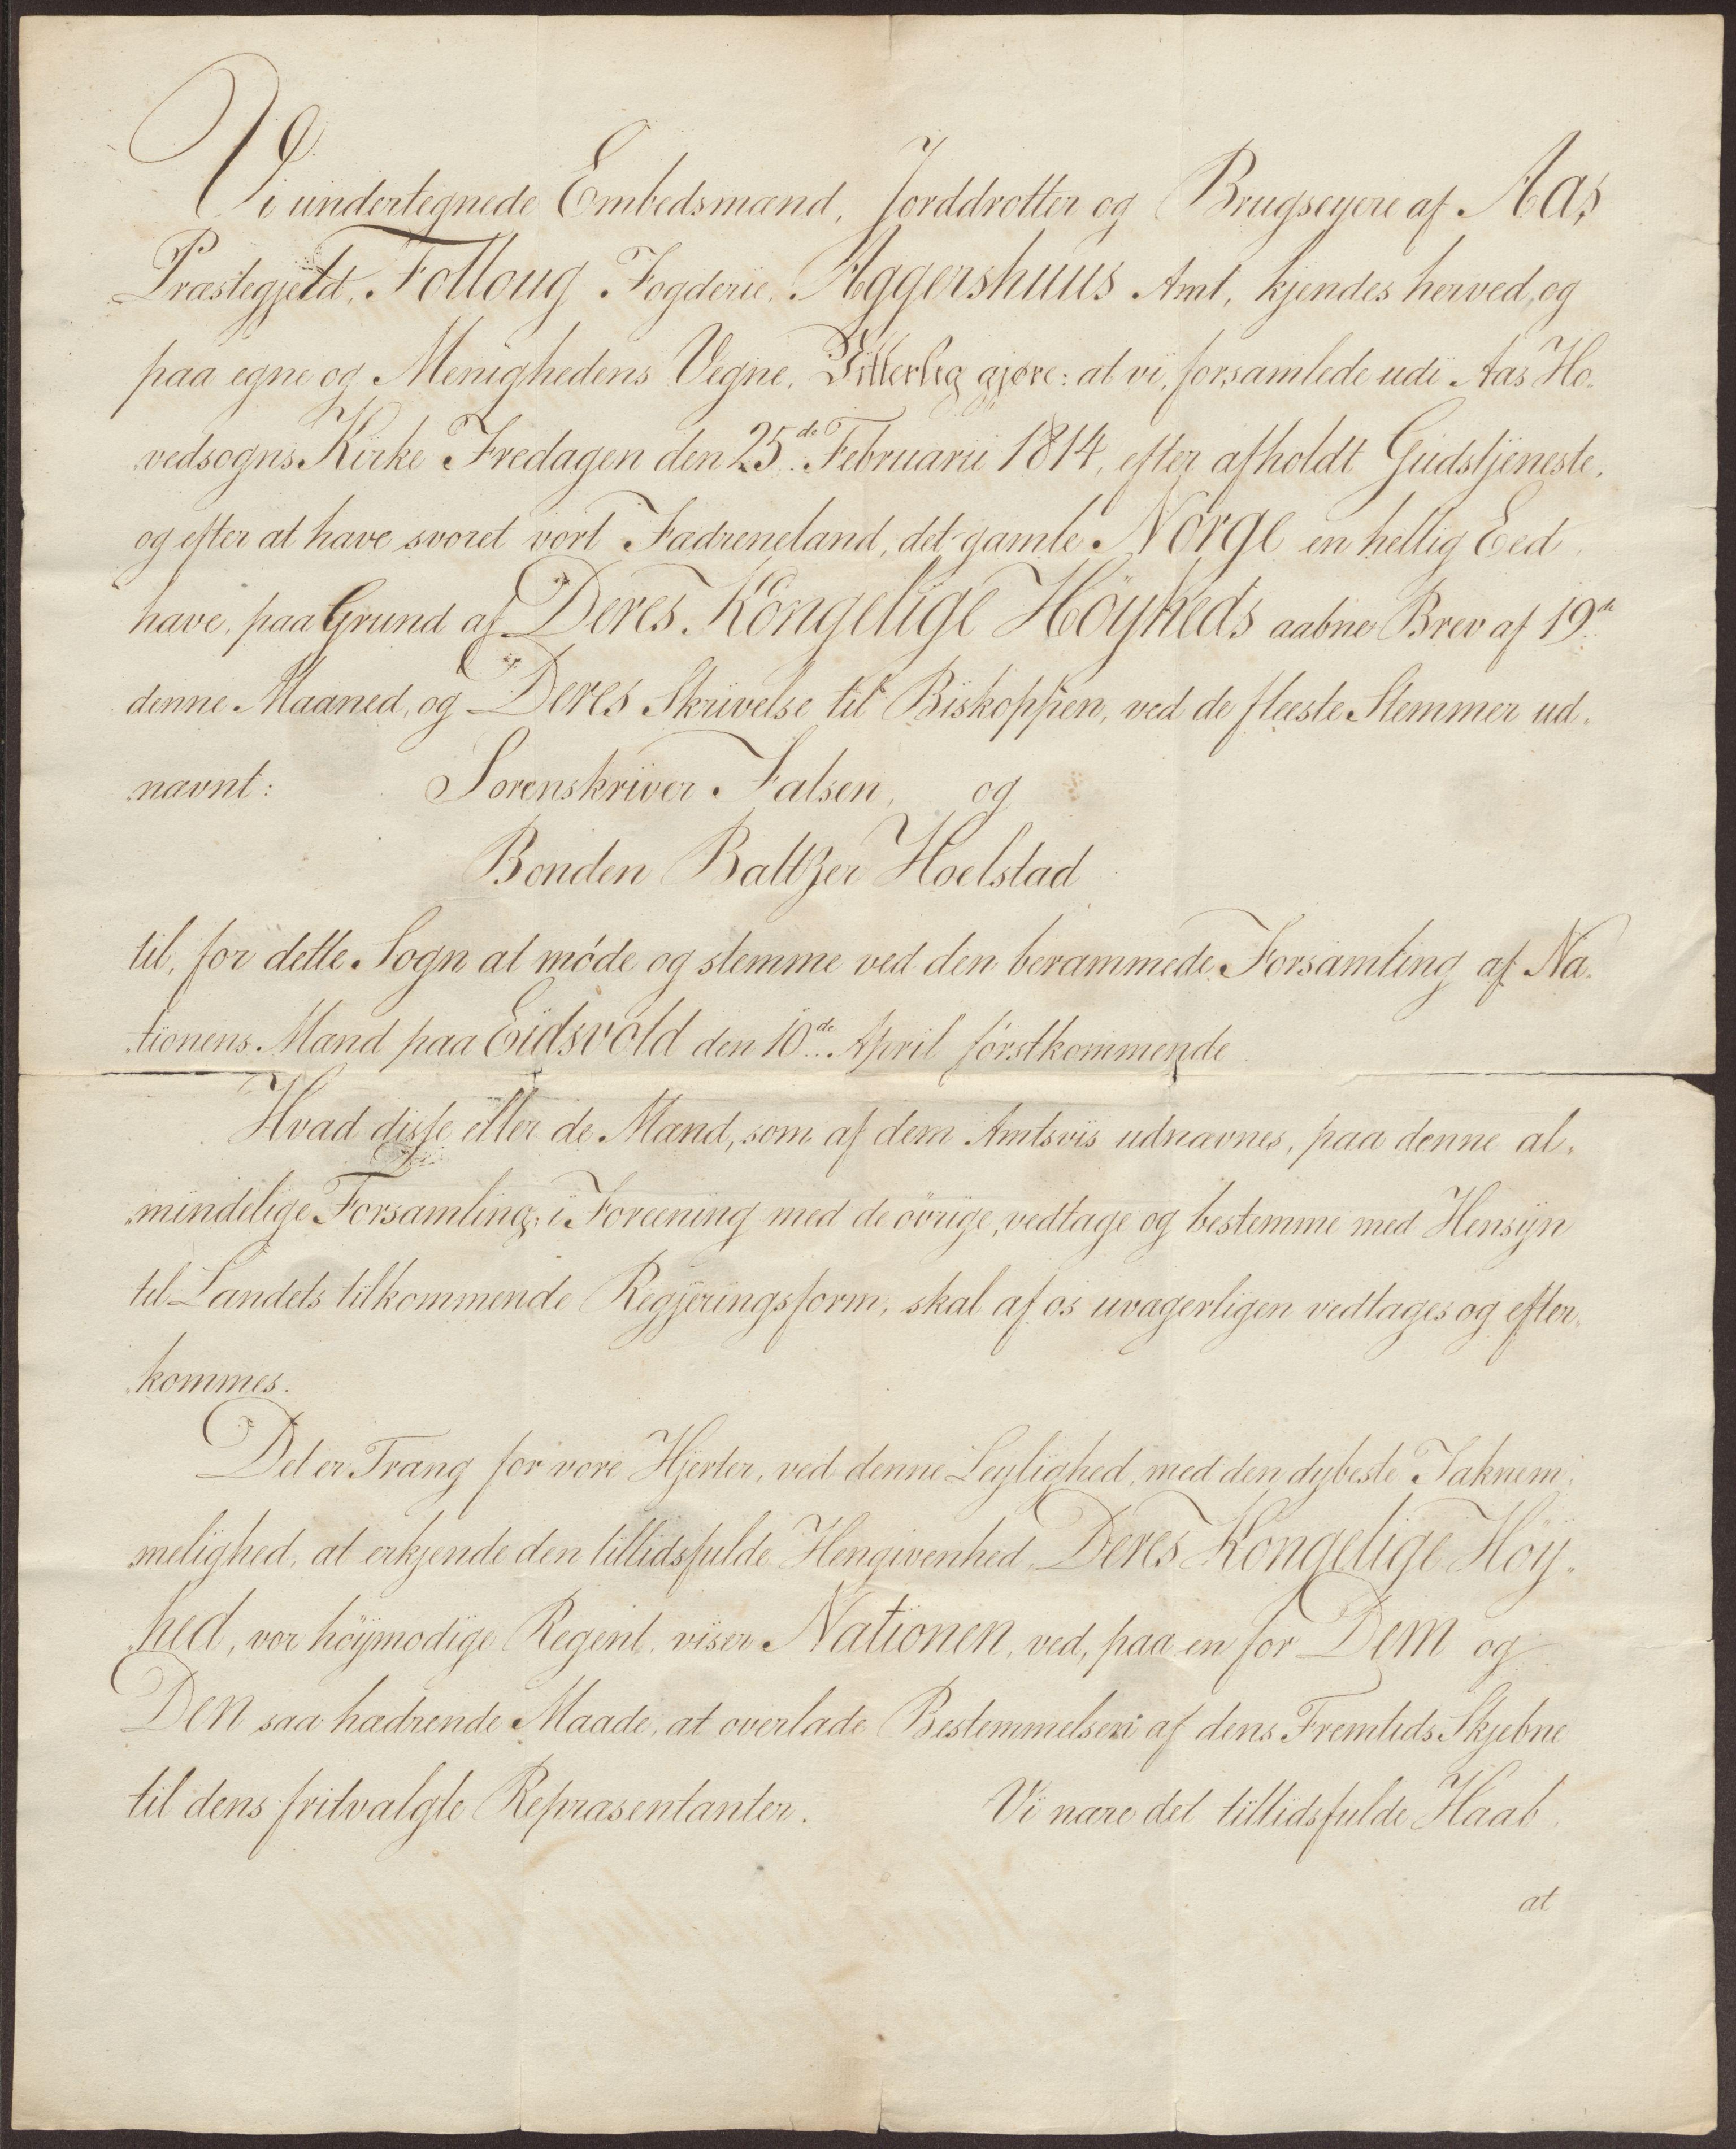 RA, Statsrådssekretariatet, D/Db/L0007: Fullmakter for Eidsvollsrepresentantene i 1814. , 1814, s. 212